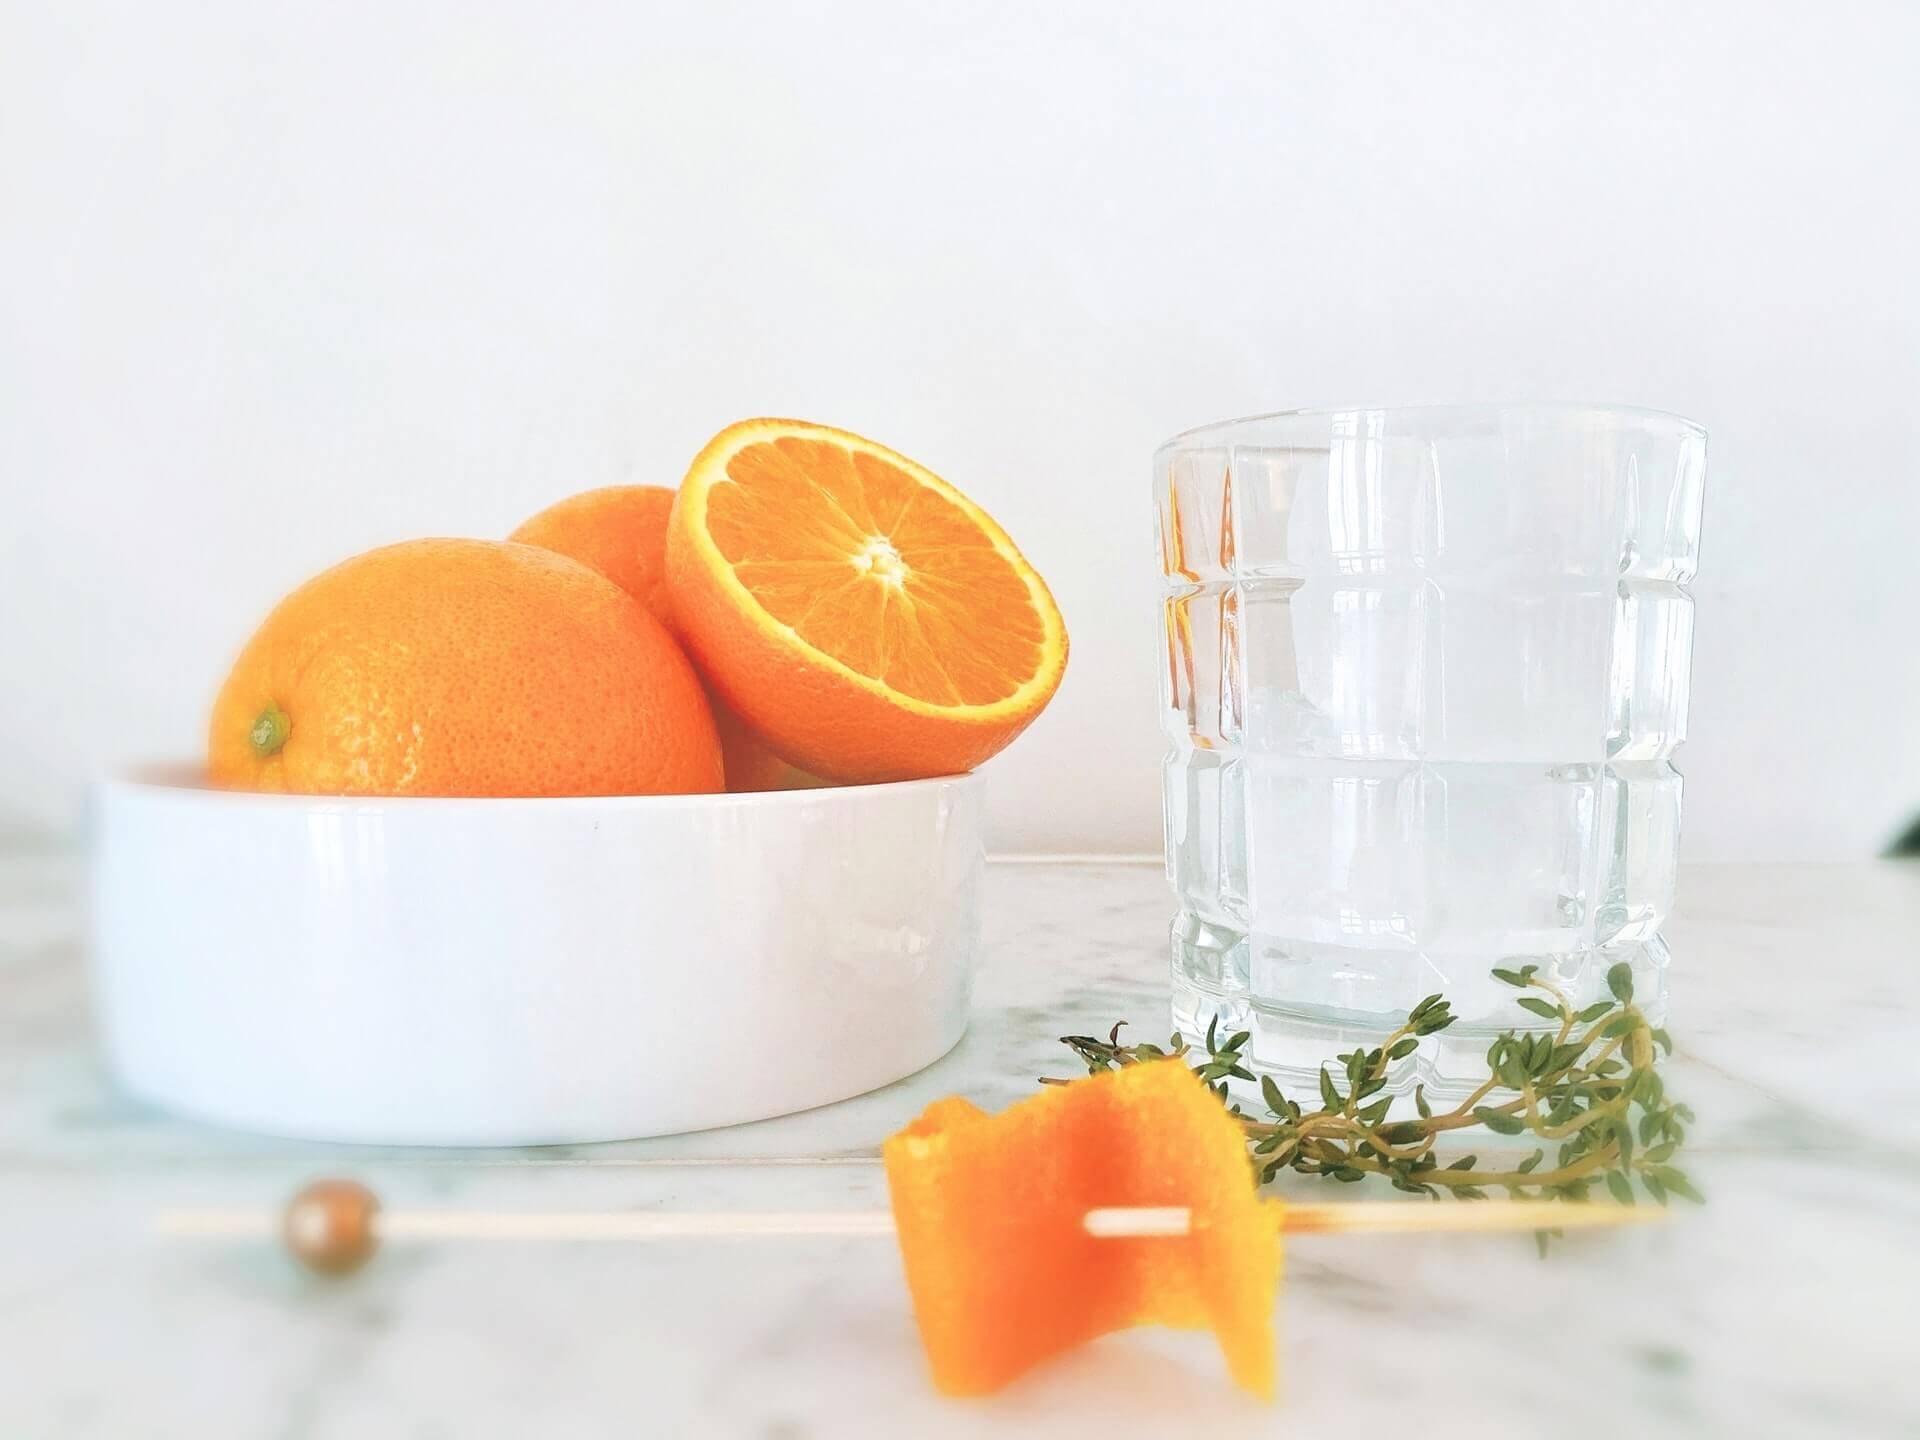 Апельсиновая диета поможет похудеть и укрепить здоровье